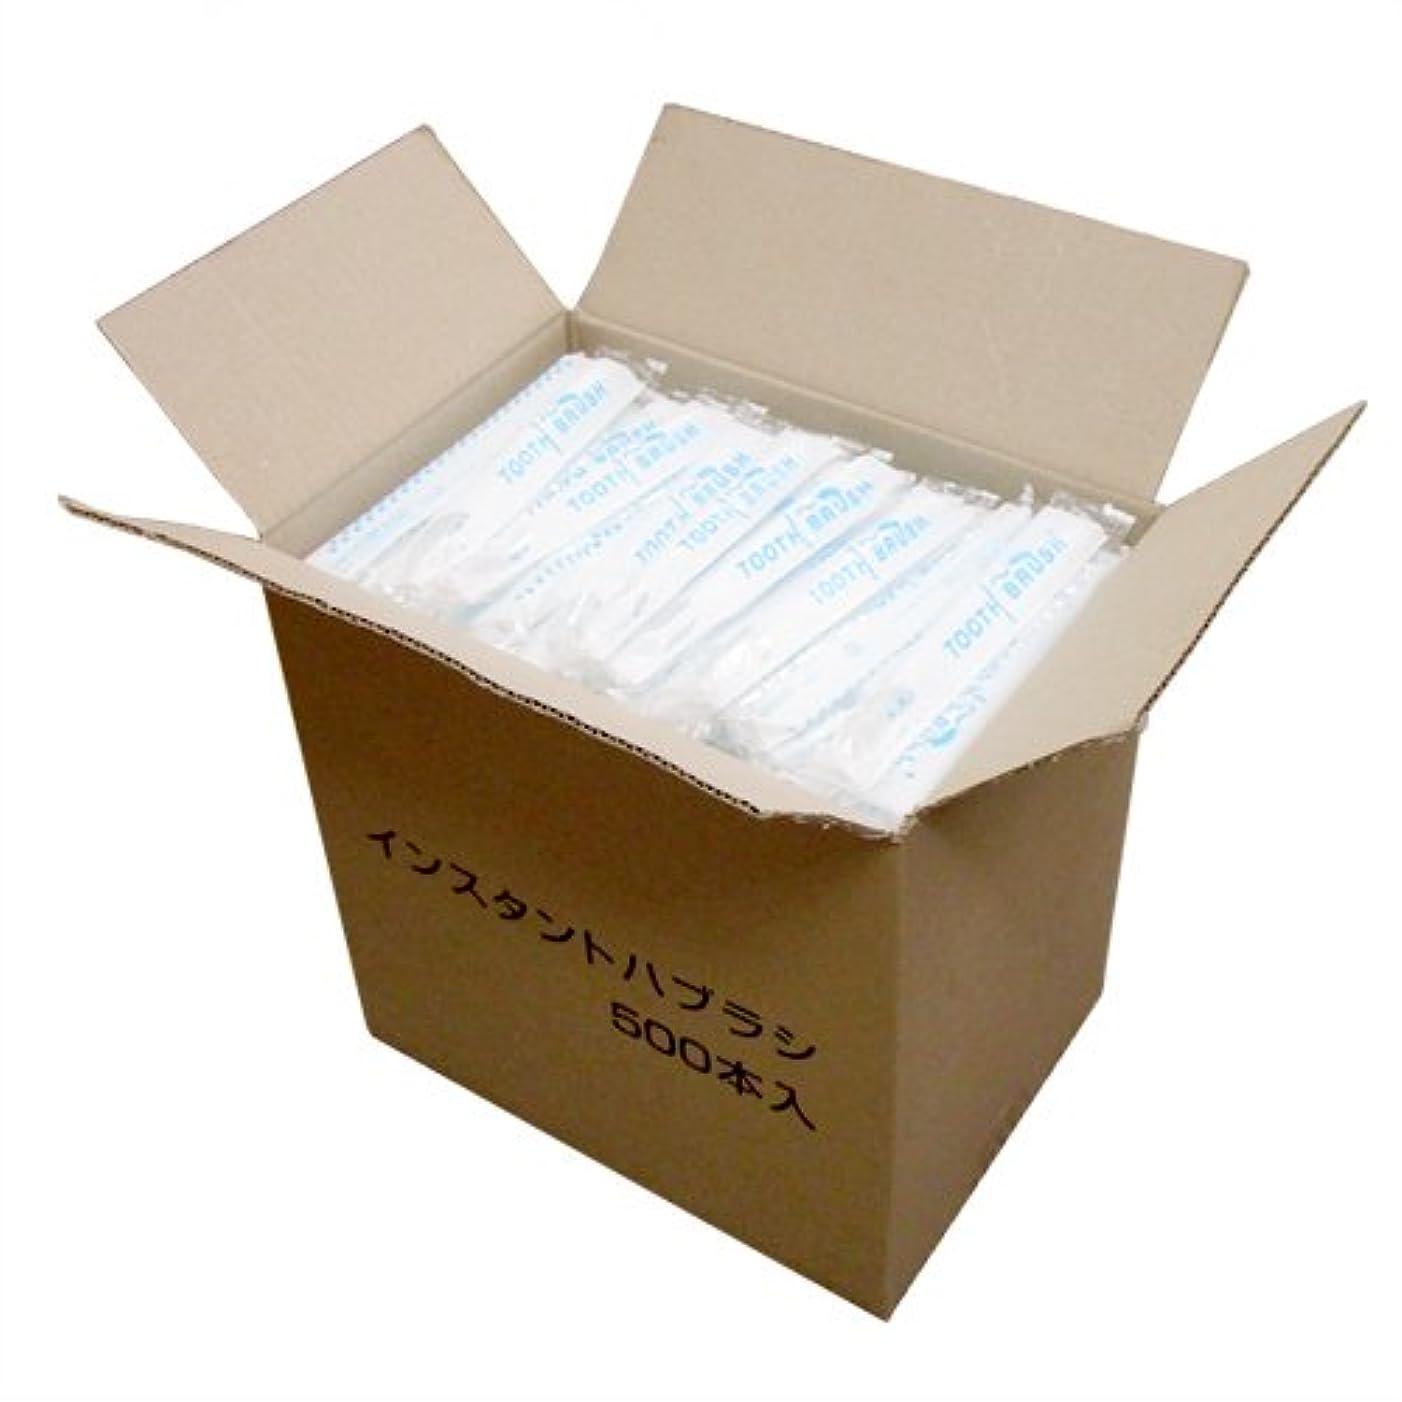 谷海上反対する業務用 日本製 使い捨て粉付き歯ブラシ 個包装タイプ 500本入×8箱 (4000本入)│ホテルアメニティ